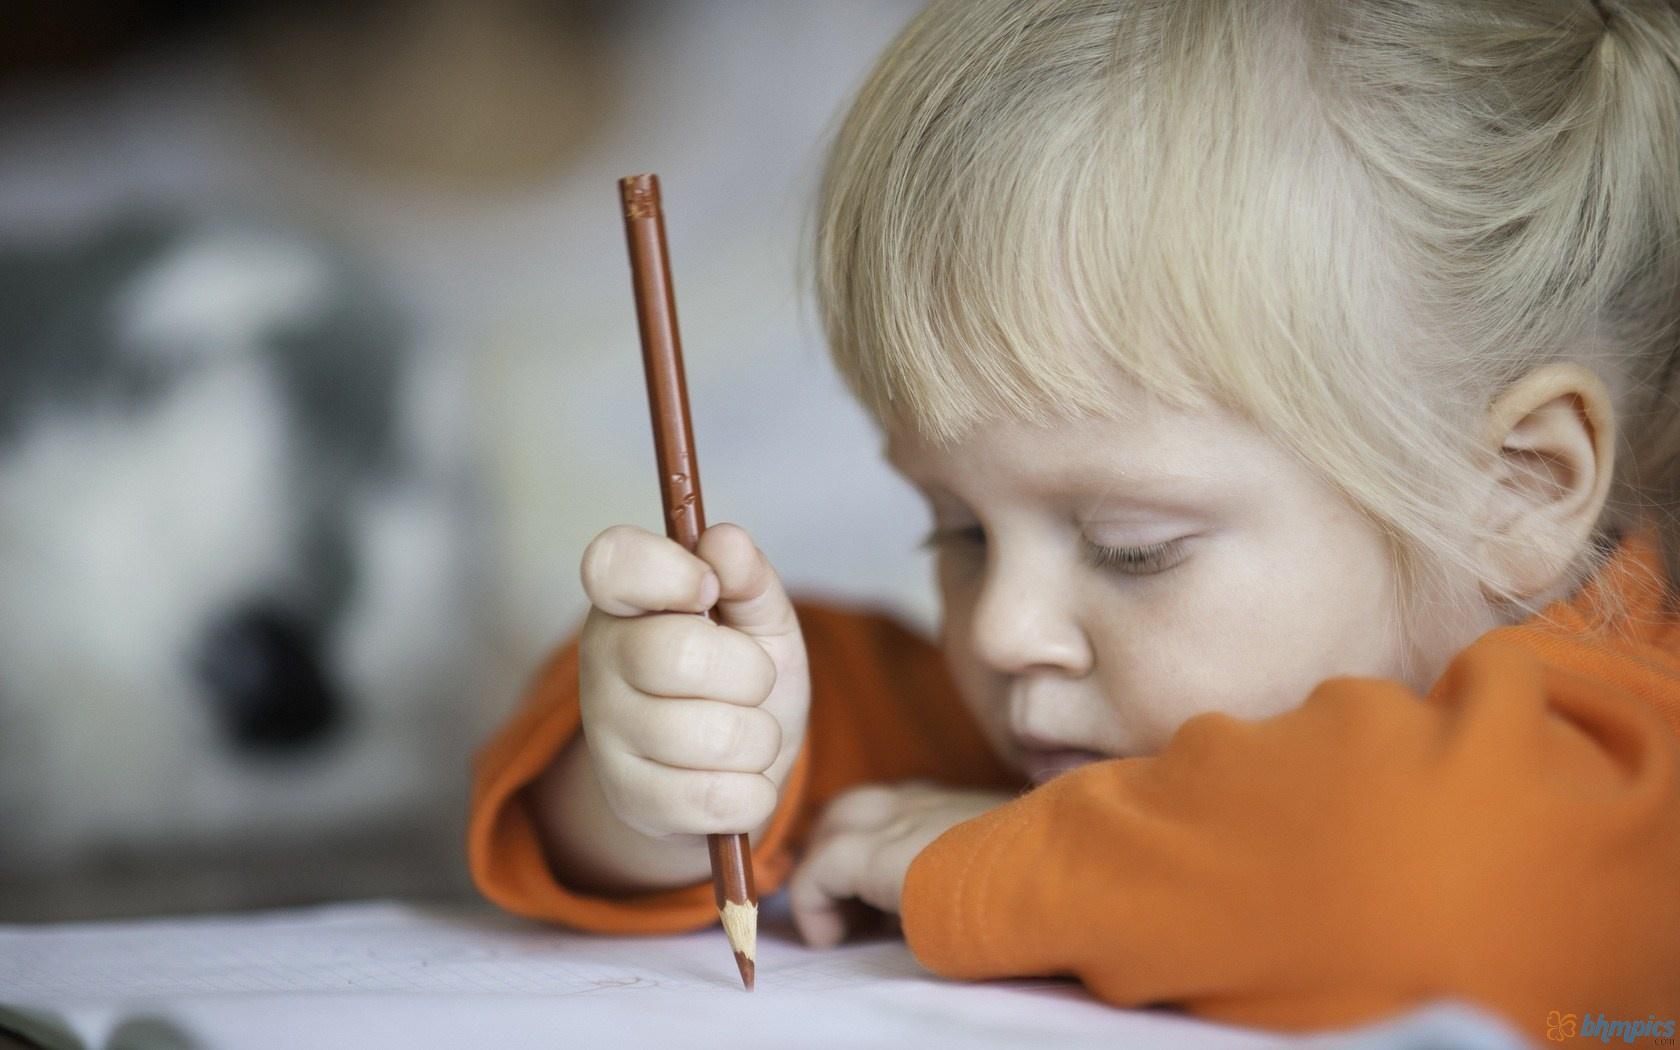 GRADINITA OBLIGATORIE DE LA 3 ANI: o noua-veche idee a ministrului Educatiei, Remus Pricopie. Sau despre cum se pune la cale NATIONALIZAREA COPIILOR